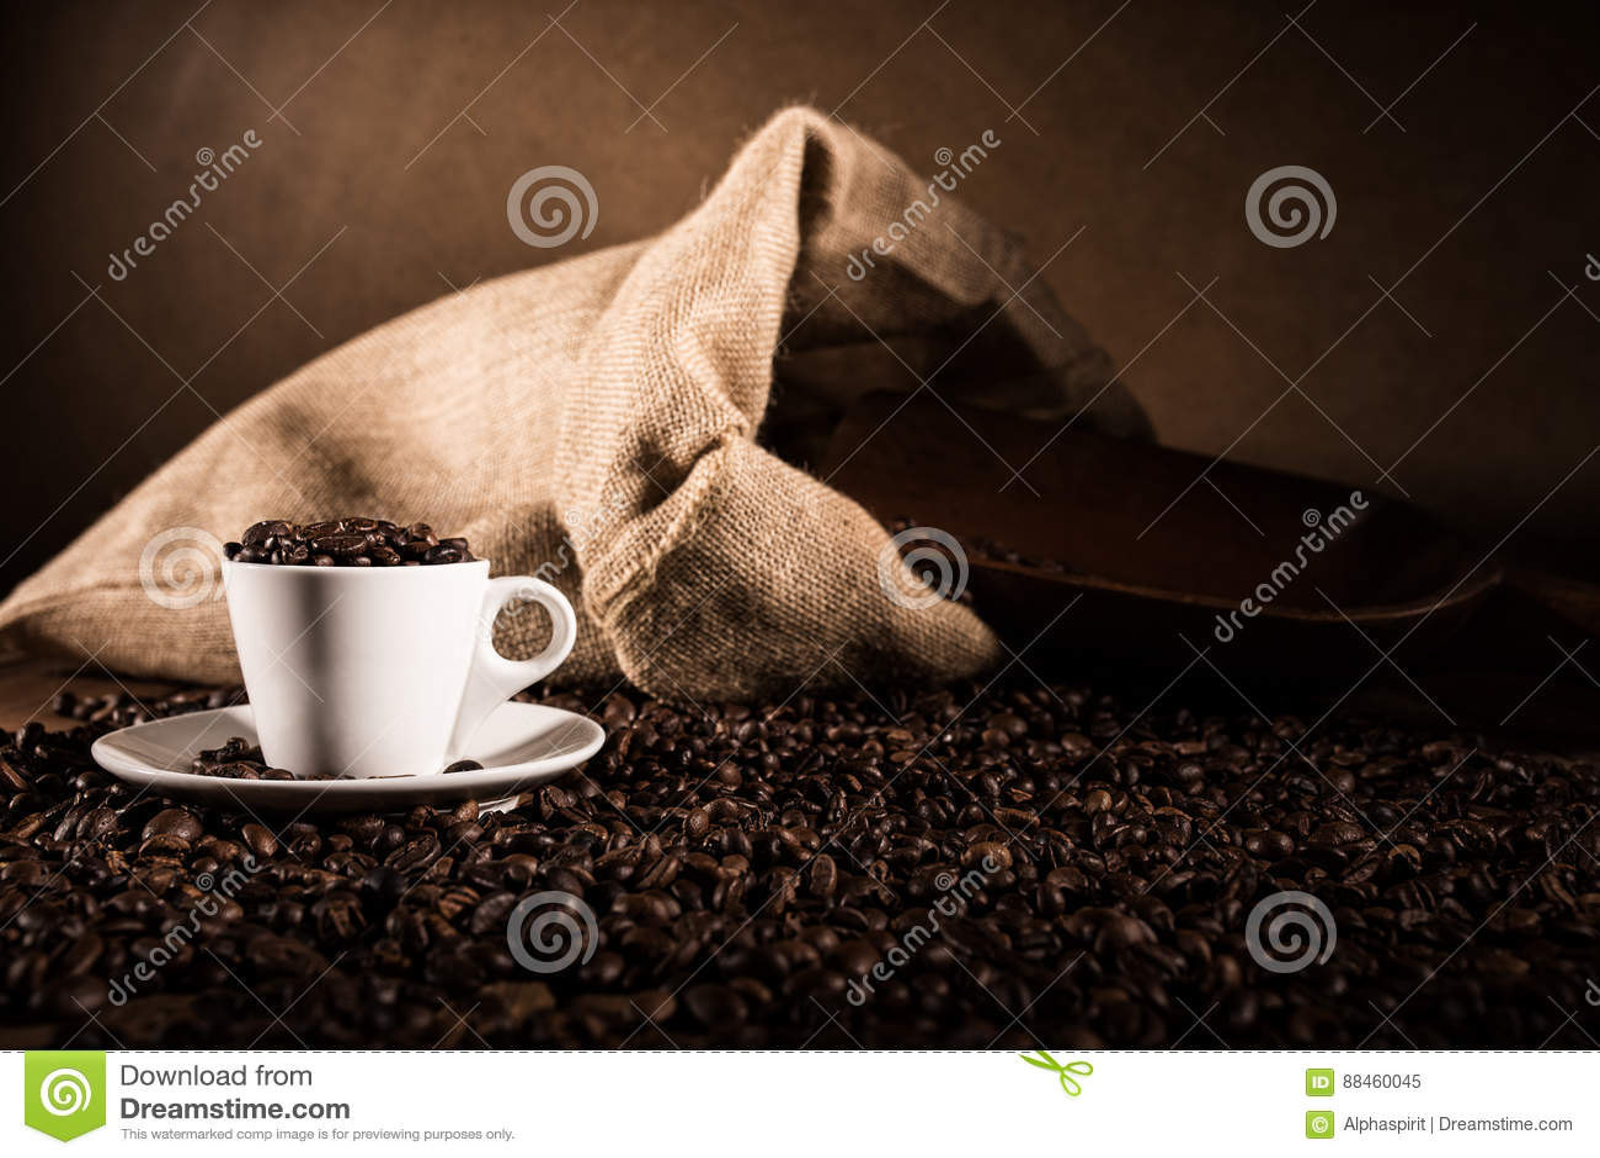 Achtergrond van kop koffiebonen